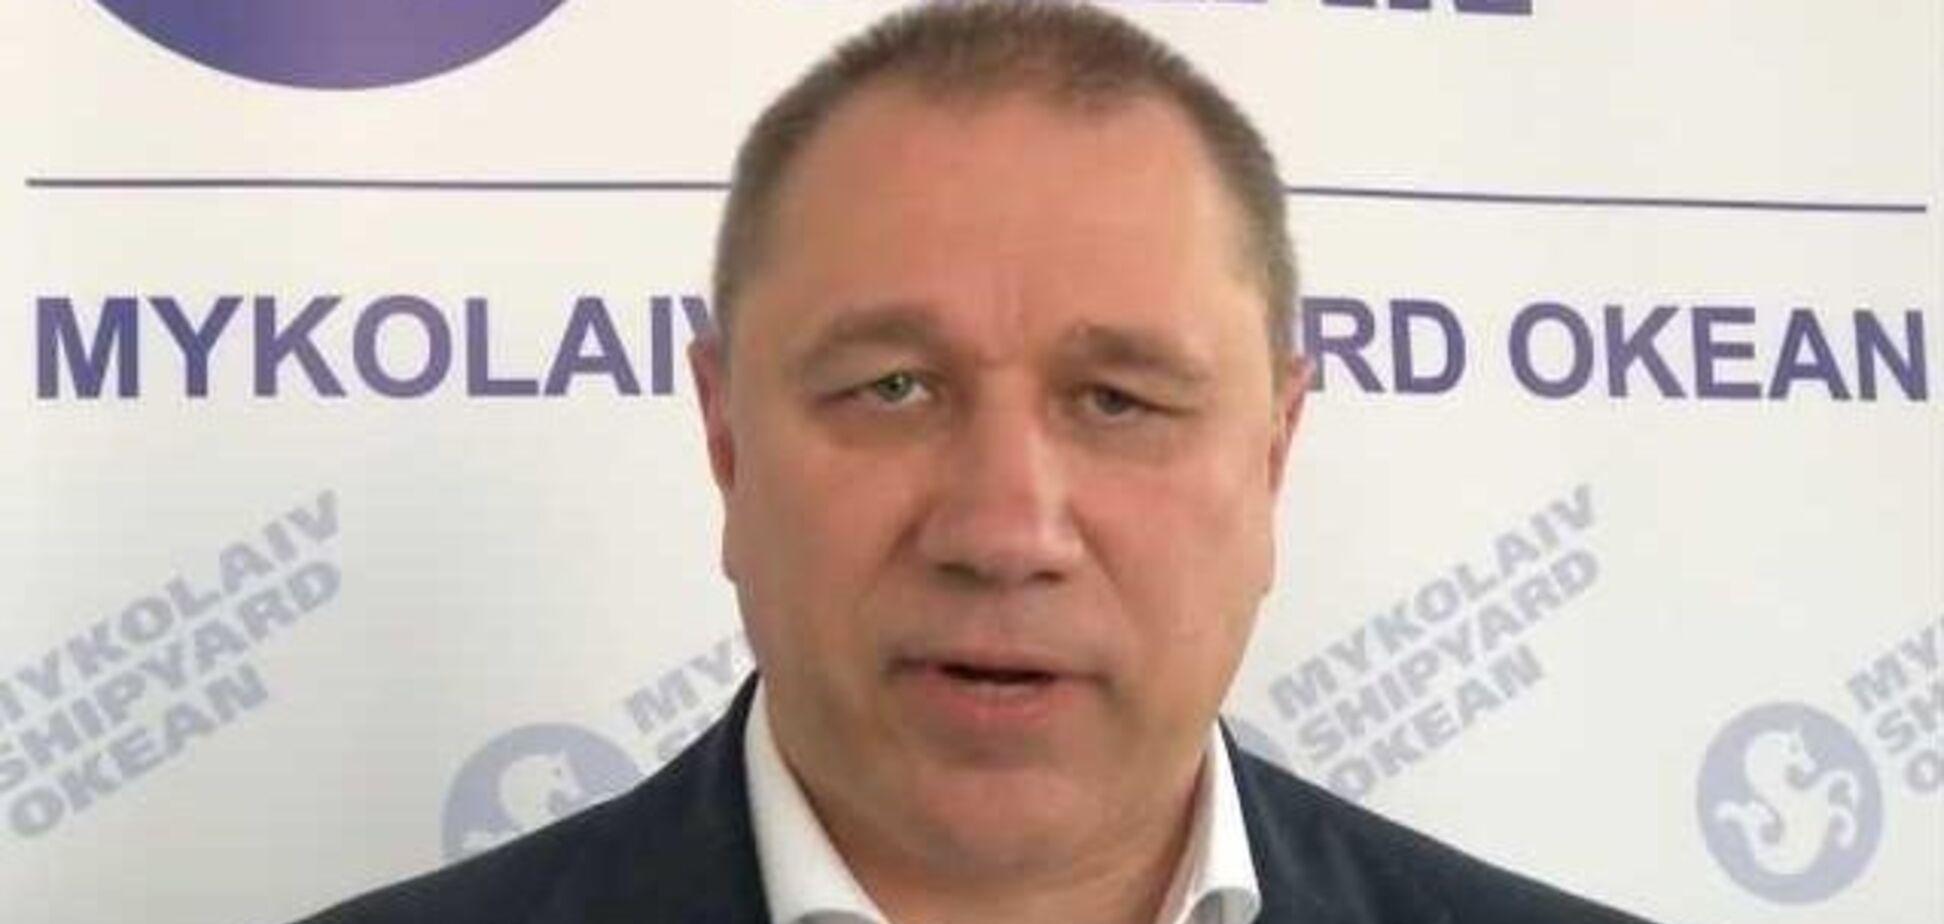 'Океан' арестовали по показаниям Игнатова, ранее обвиняемого в соучастии в рейдерских операциях ОПГ Капитошки